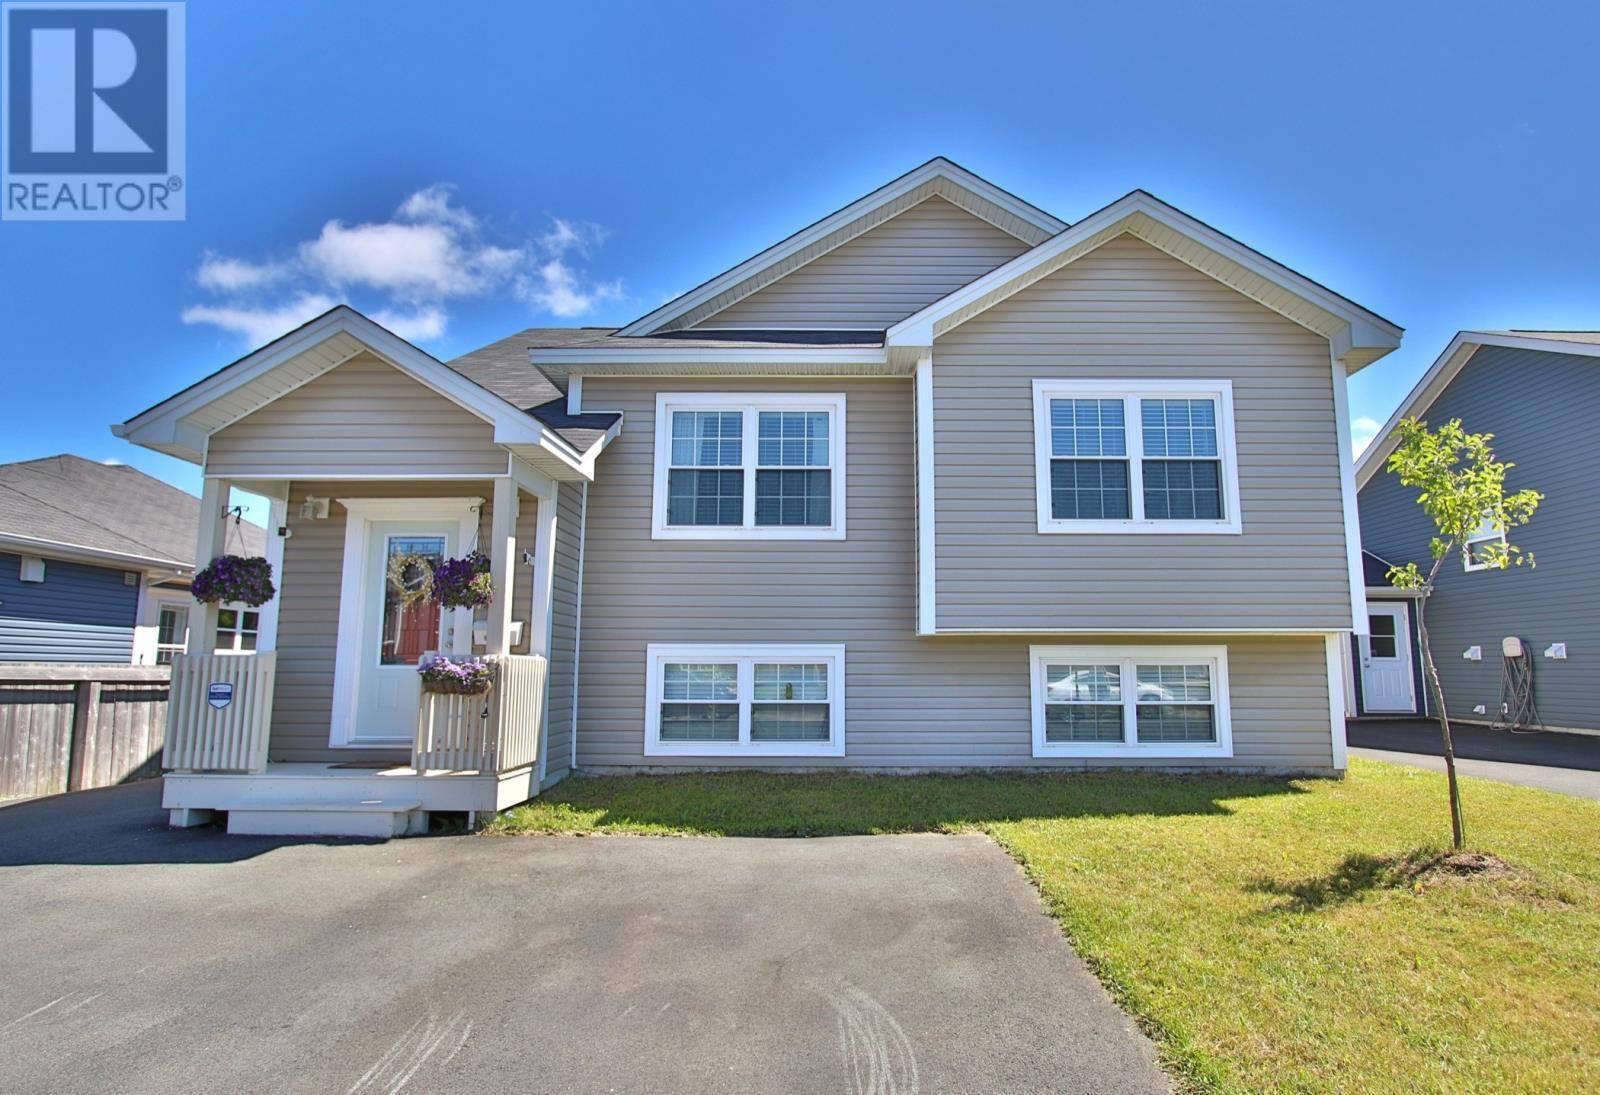 House for sale at 76 Glenlonan St St. John's Newfoundland - MLS: 1201120